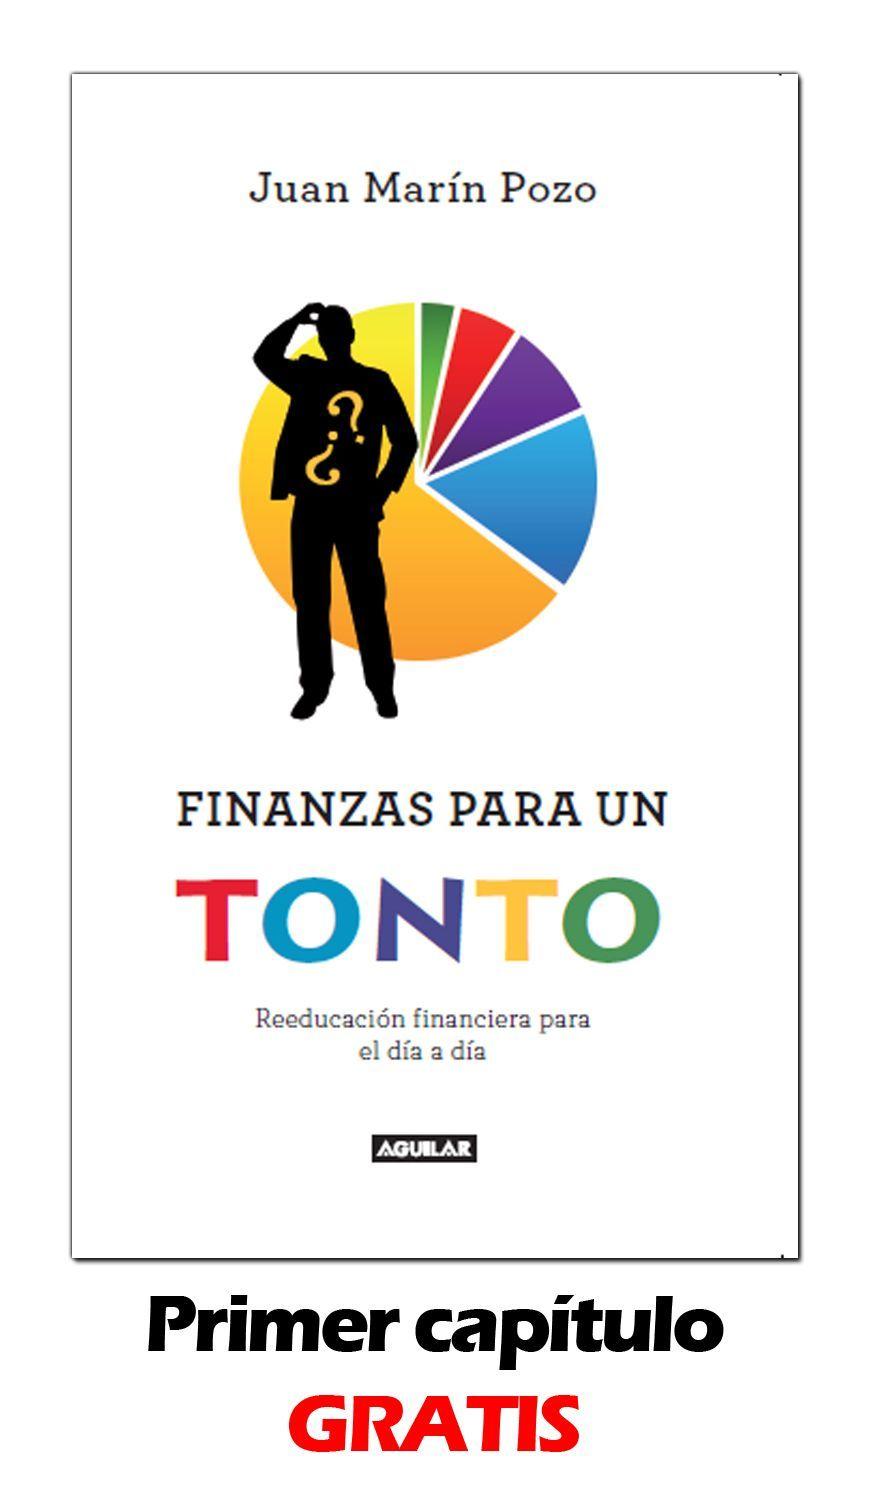 https://juanmarinpozo.com/wp-content/uploads/2017/01/Portada-Finanzas-para-un-tonto-para-descargar-pdf-en-blog-pequeña.jpg